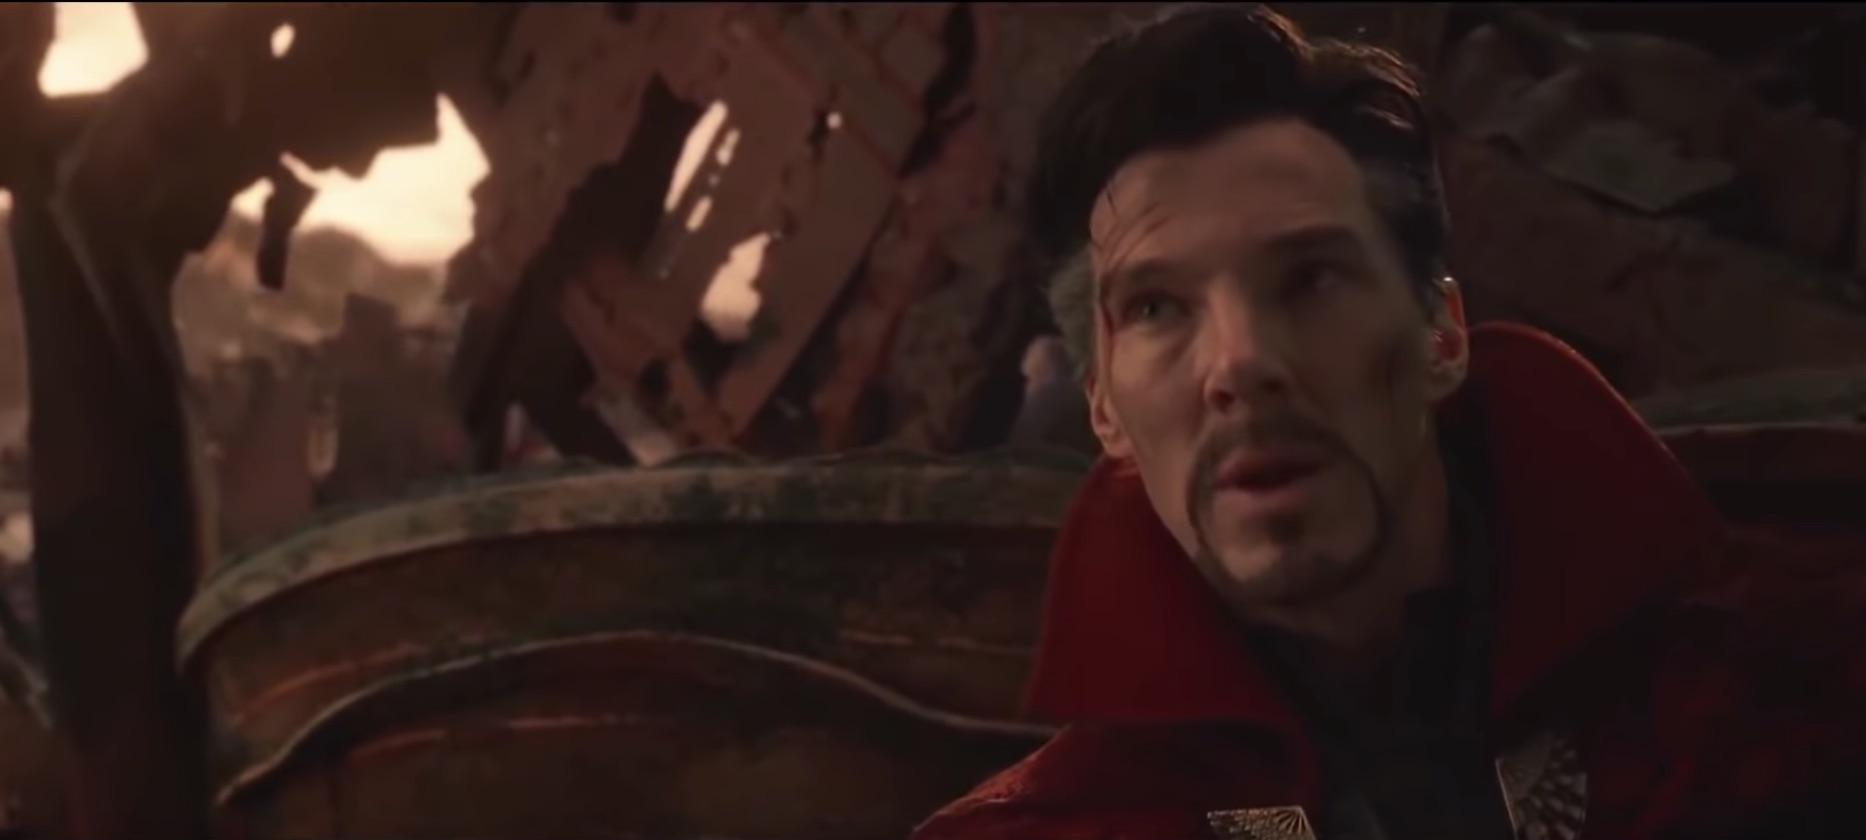 avengers: endgame trailer 3